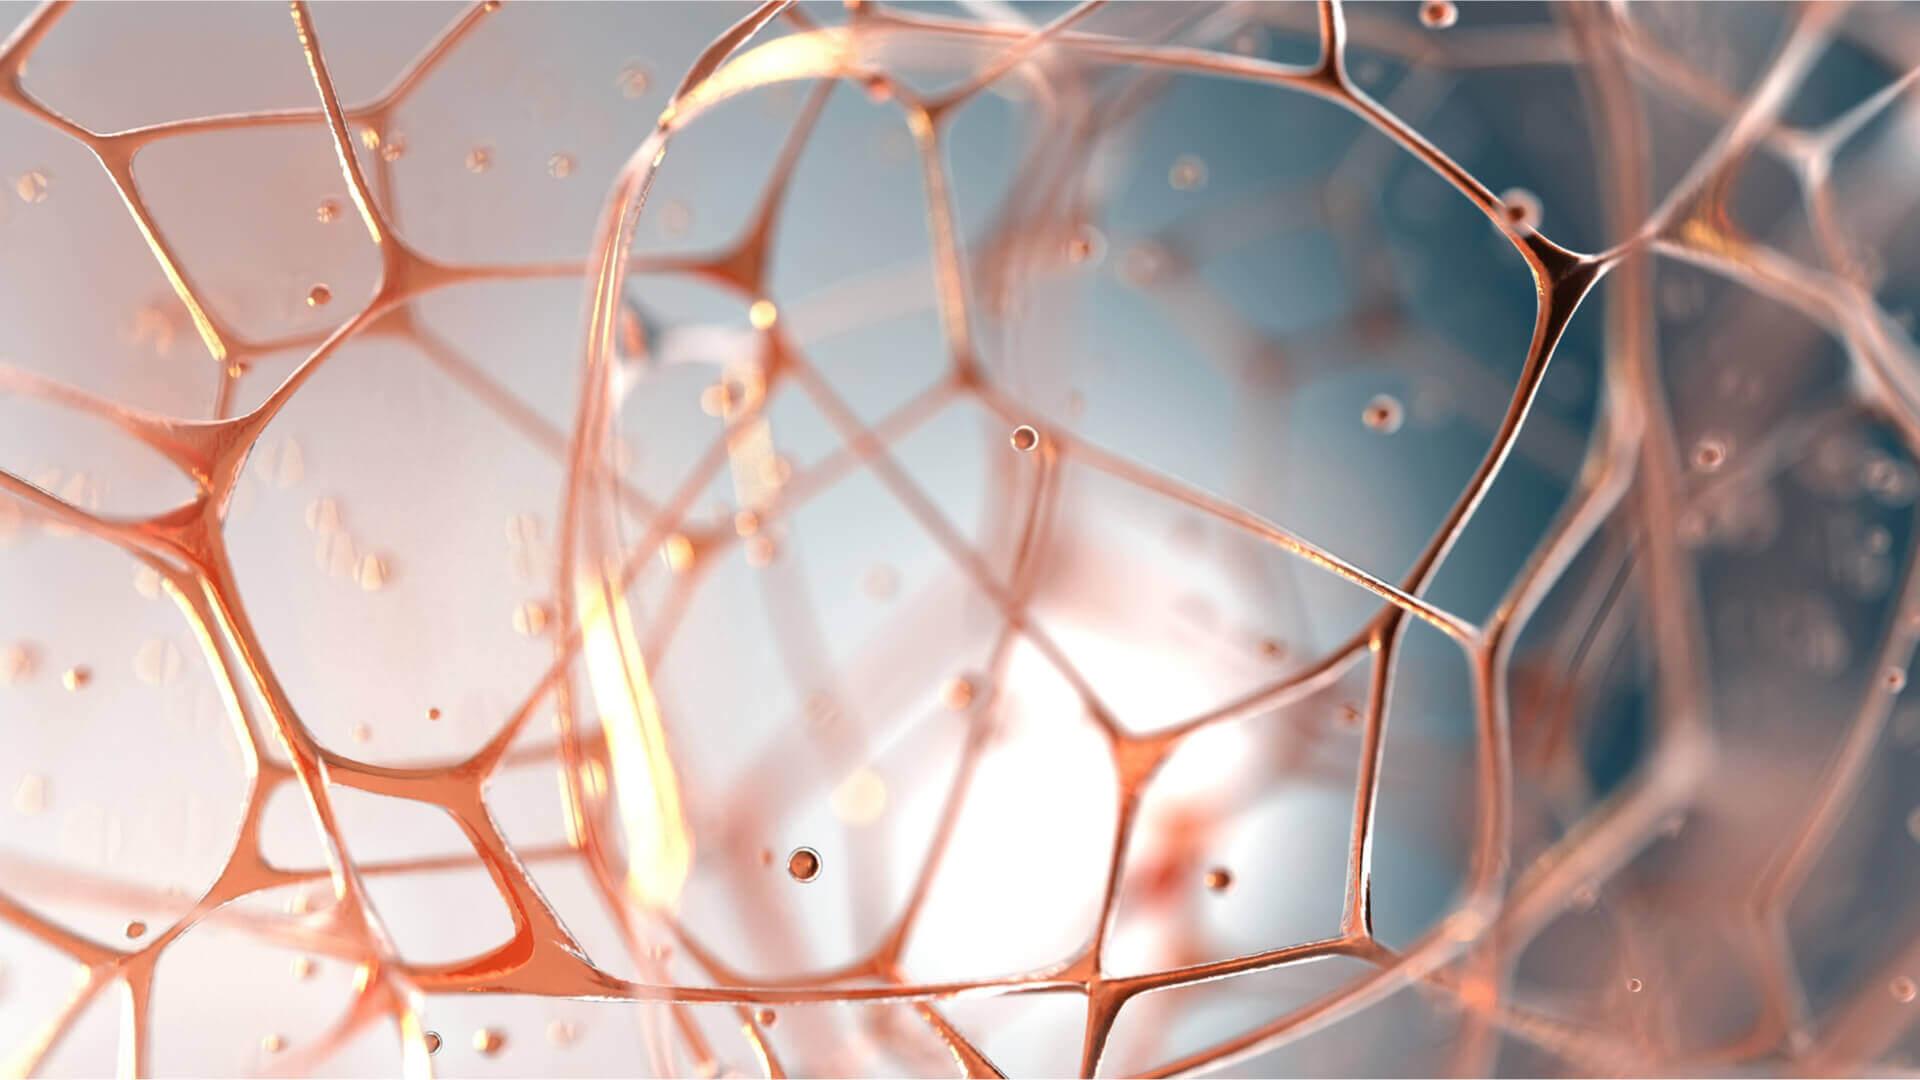 Bindegewebe, Grundgewebe, Matrix – viele Namen eine Bedeutung